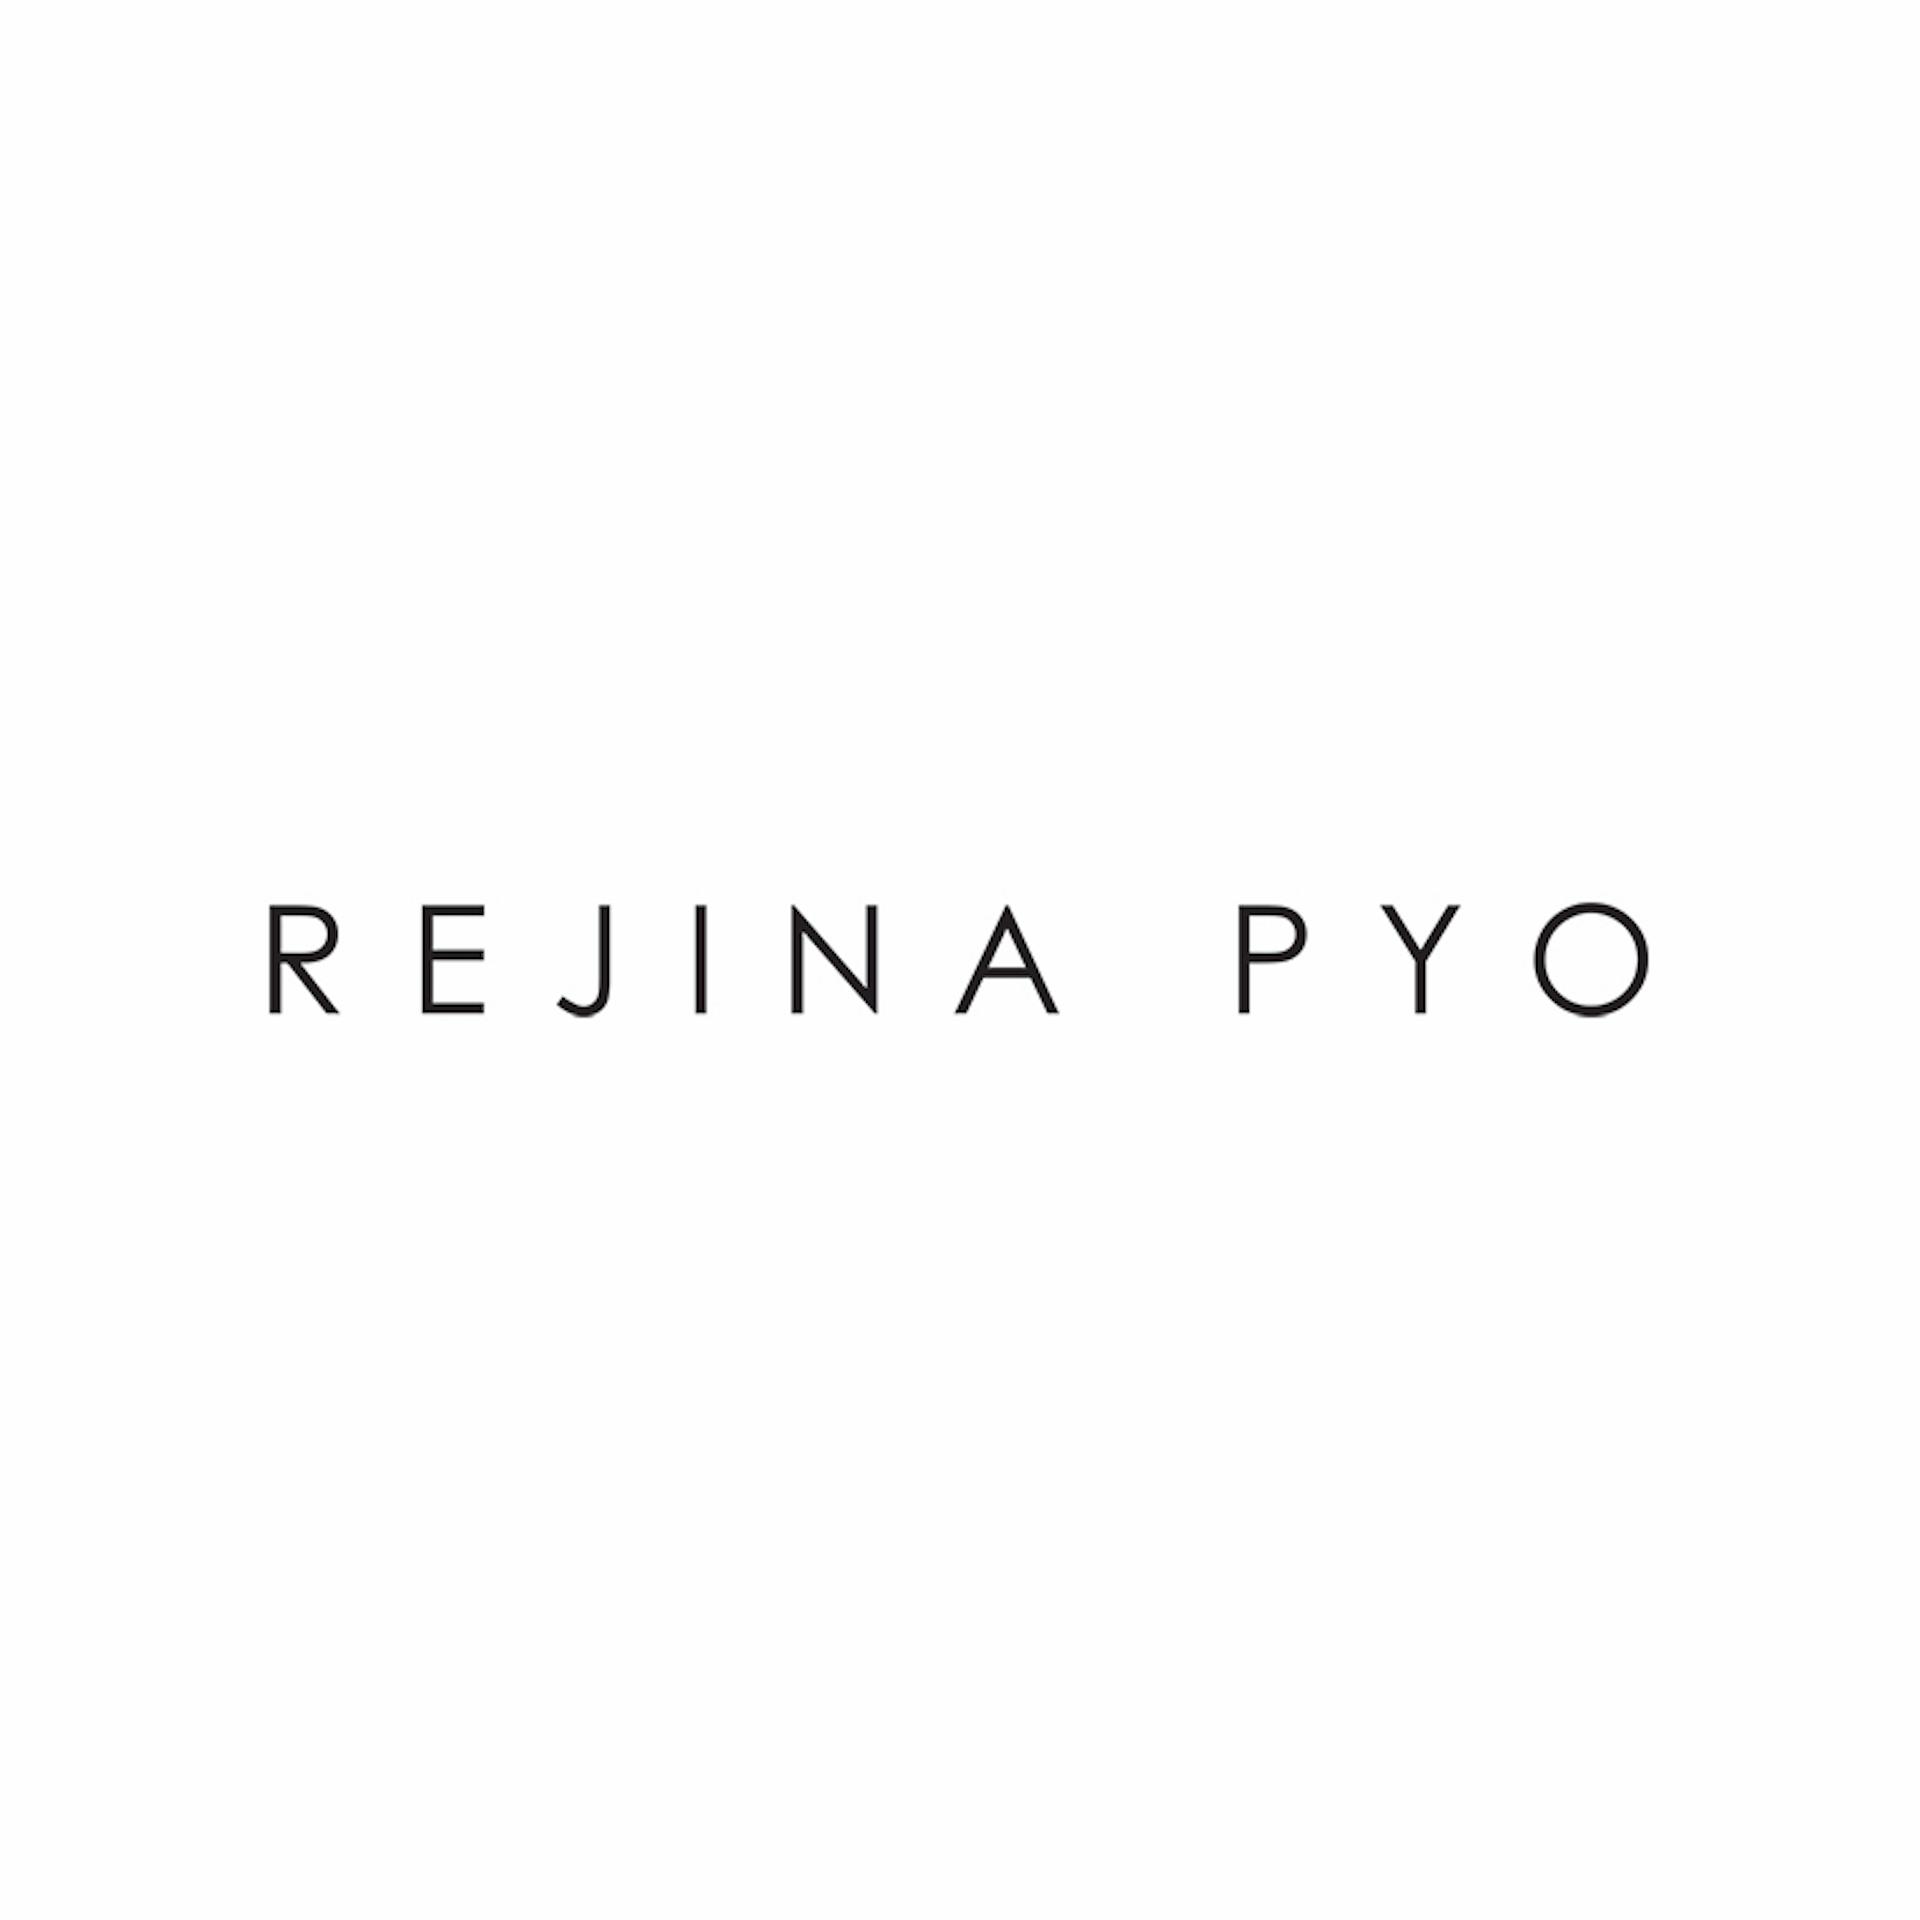 Rejina Pyo